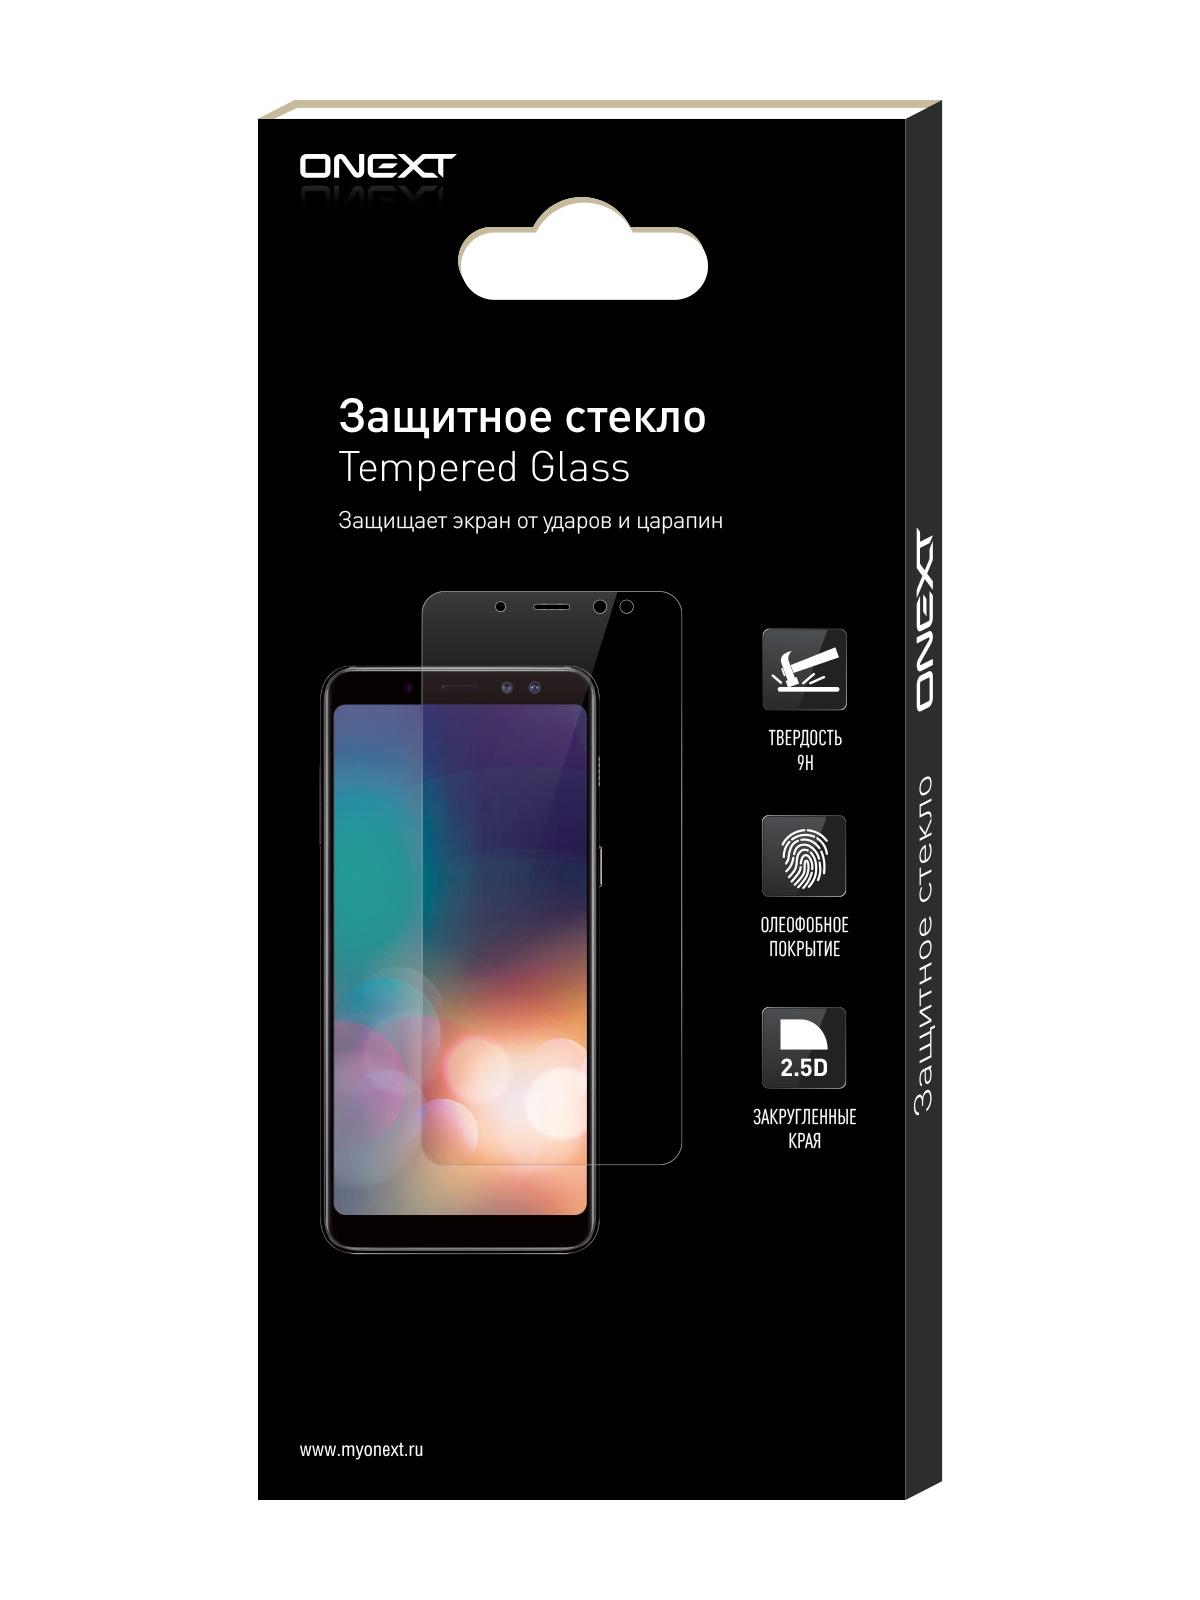 Защитное стекло ONEXT Samsung Galaxy J1 (2016) цены